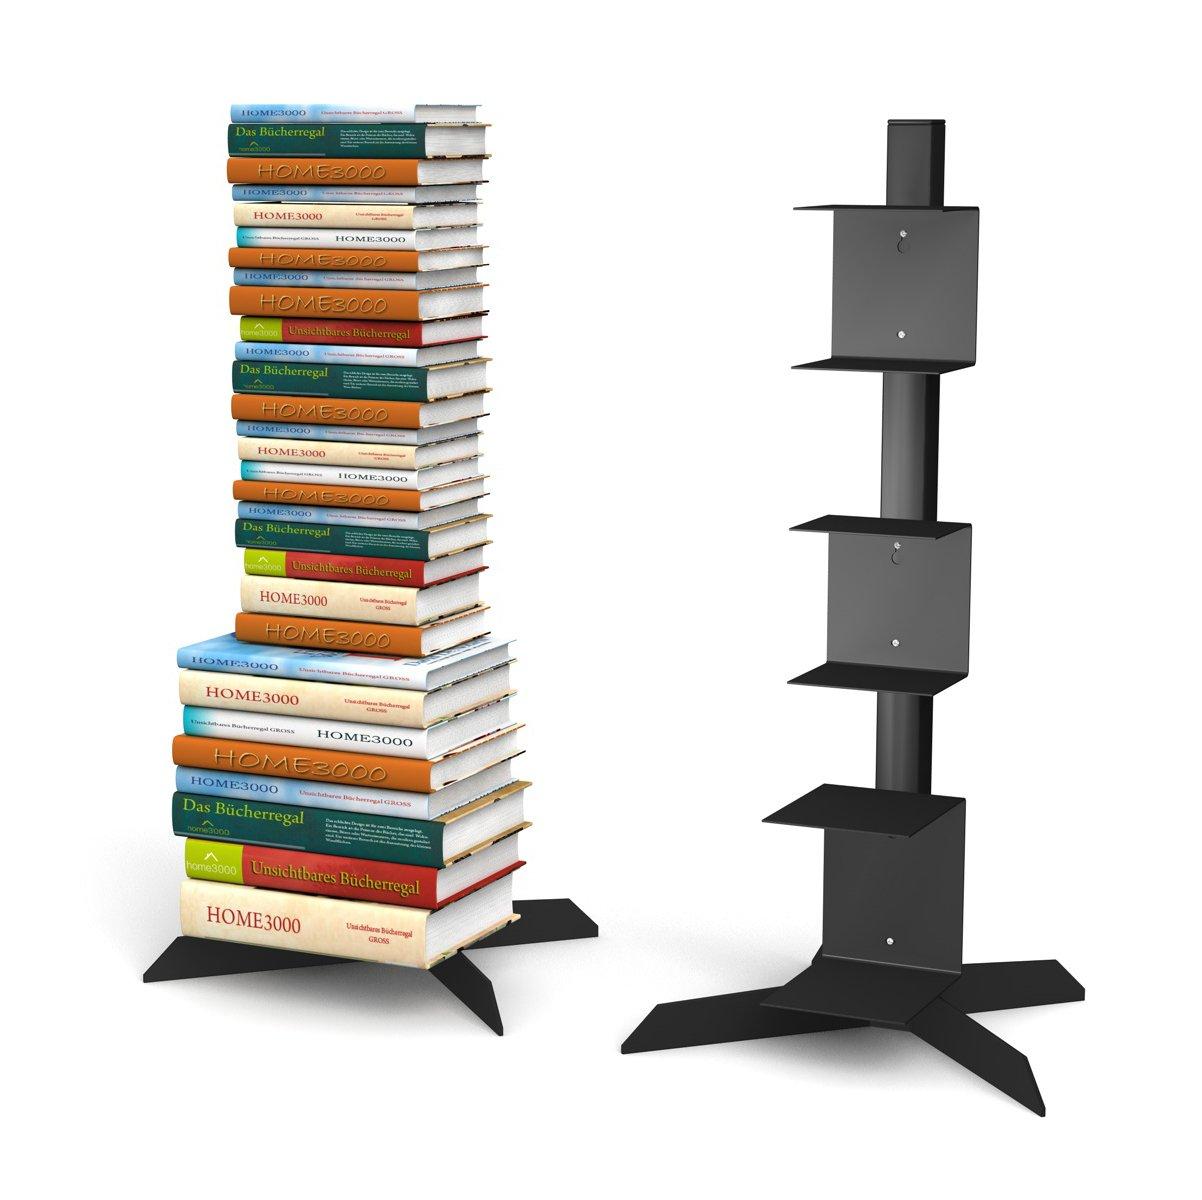 Freistehendes Bücherregal Mit 2 Kleinen Und 1 Grossen Regal In Schwarz Für  Ca. 115 Cm Büchersäule: Amazon.de: Küche U0026 Haushalt